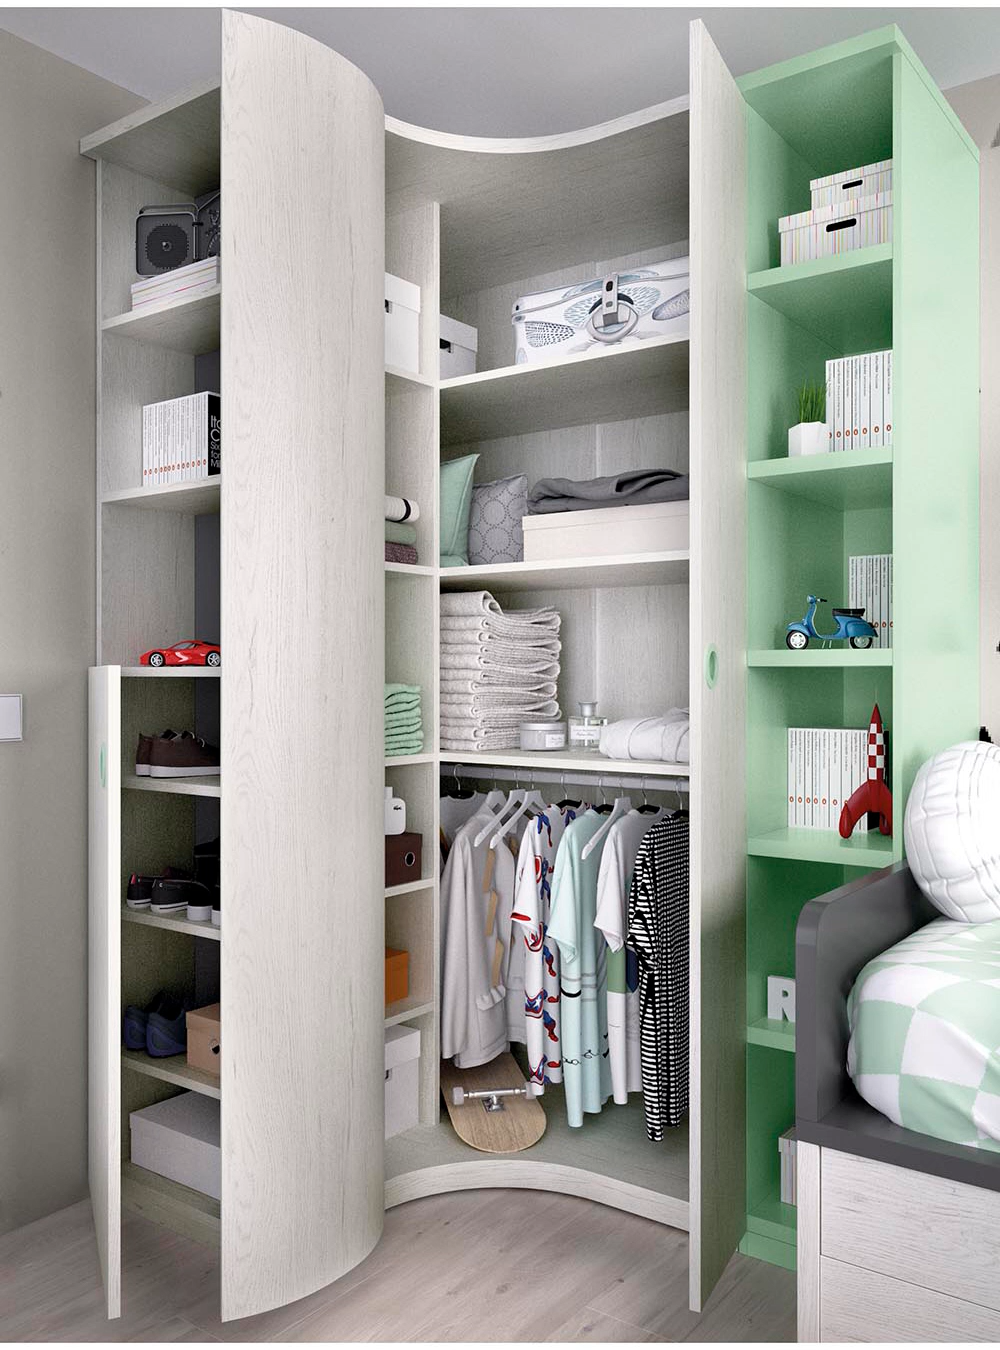 Interior De Armario In 2020 Kleiderschrank Design Ankleidezimmer Kleiner Schrank Design